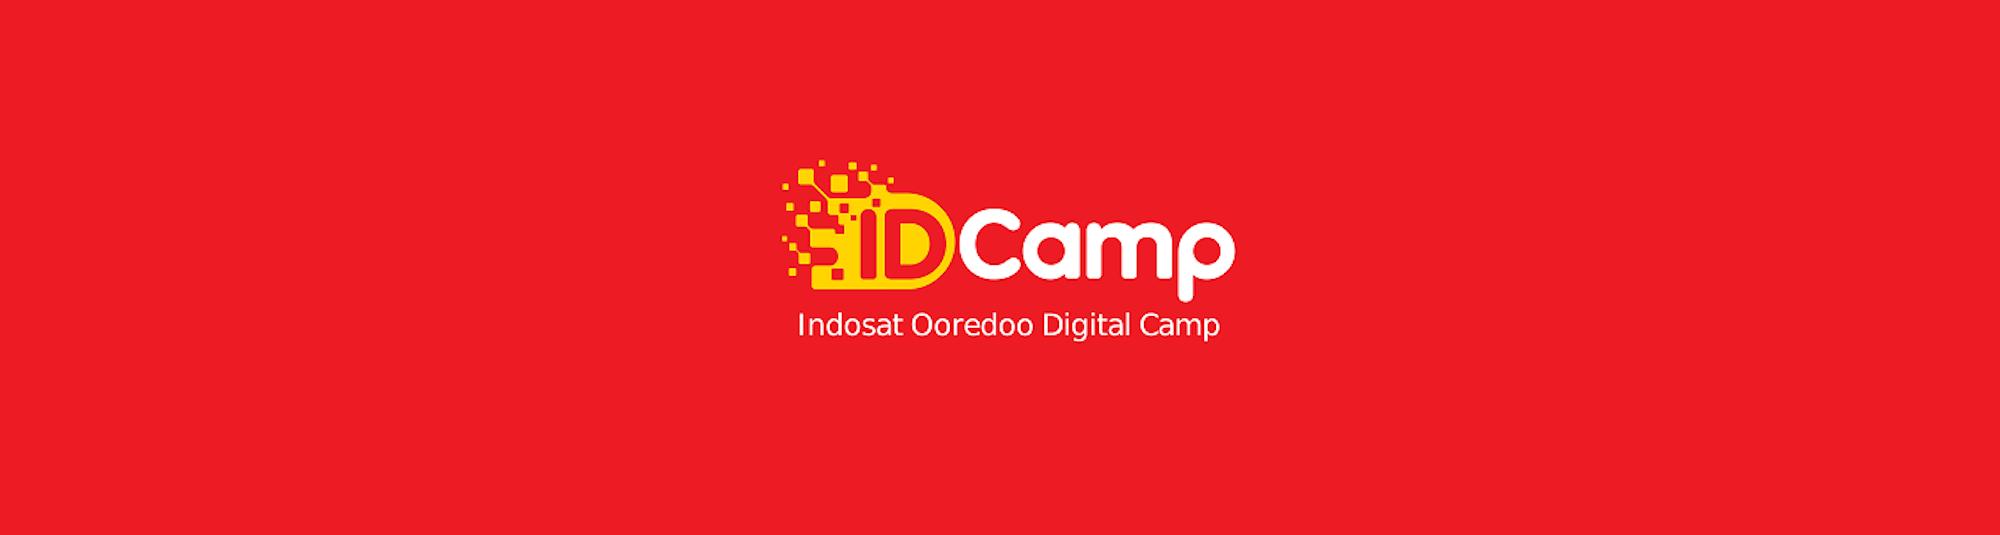 IDCamp Web Developer Challenge :  Aplikasi Liburan Akhir Tahun